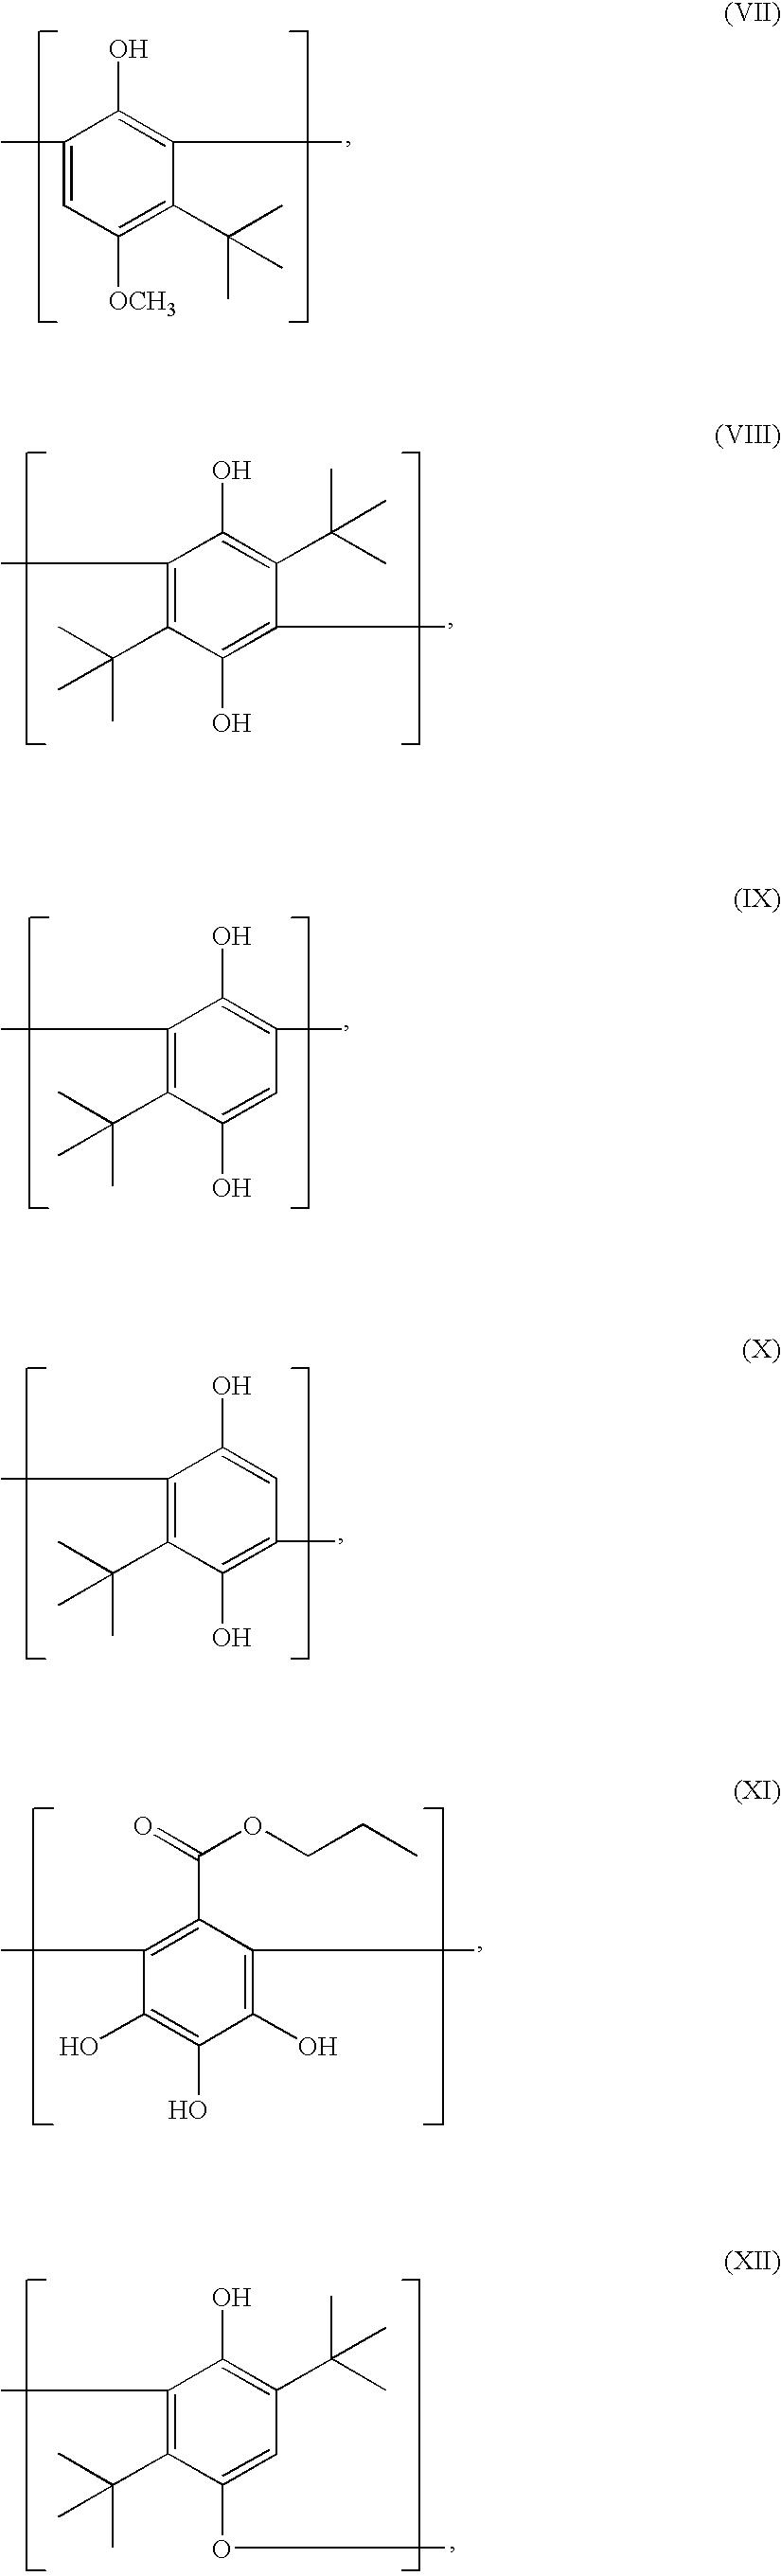 Figure US07754267-20100713-C00023